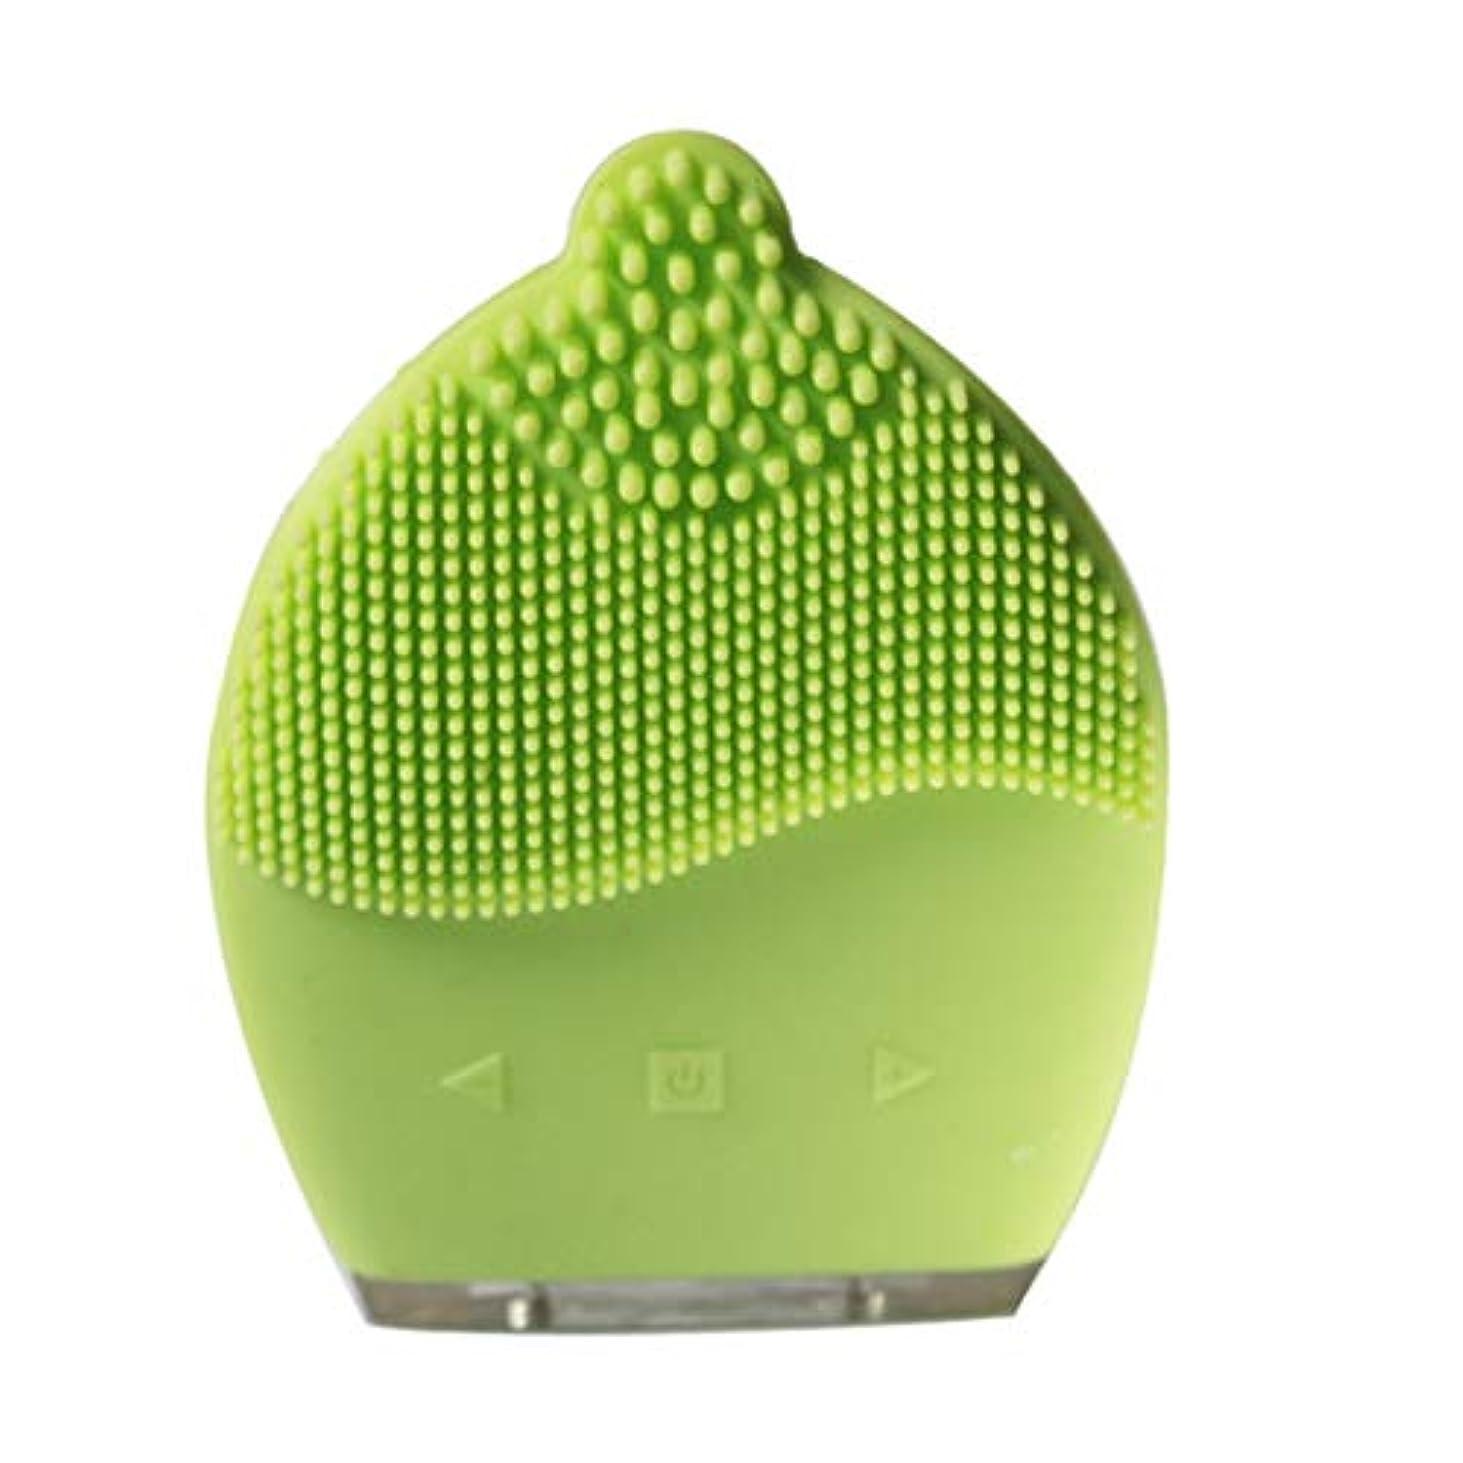 人工的な故障良心CAFUTY 超音波シリコン電気洗浄器具 除染黒髪洗浄 洗浄ブラシ (Color : イエロー)